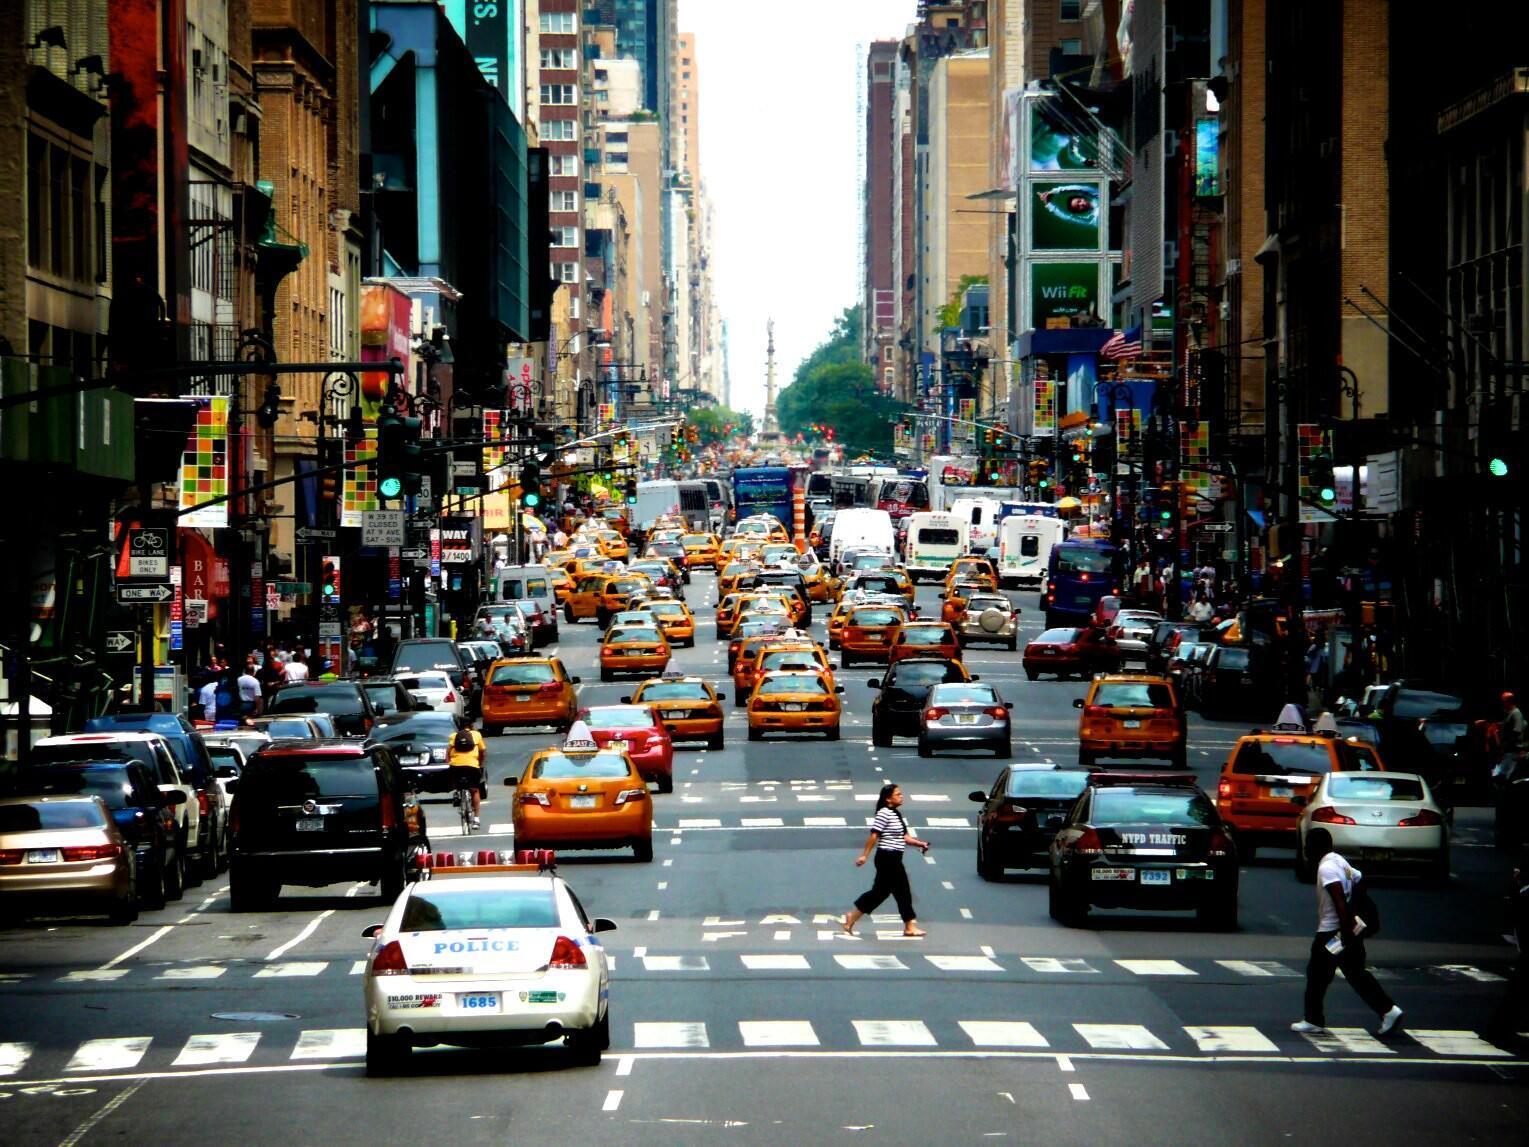 في أحد شوارع مدينة نيويورك، الولايات المتحدة